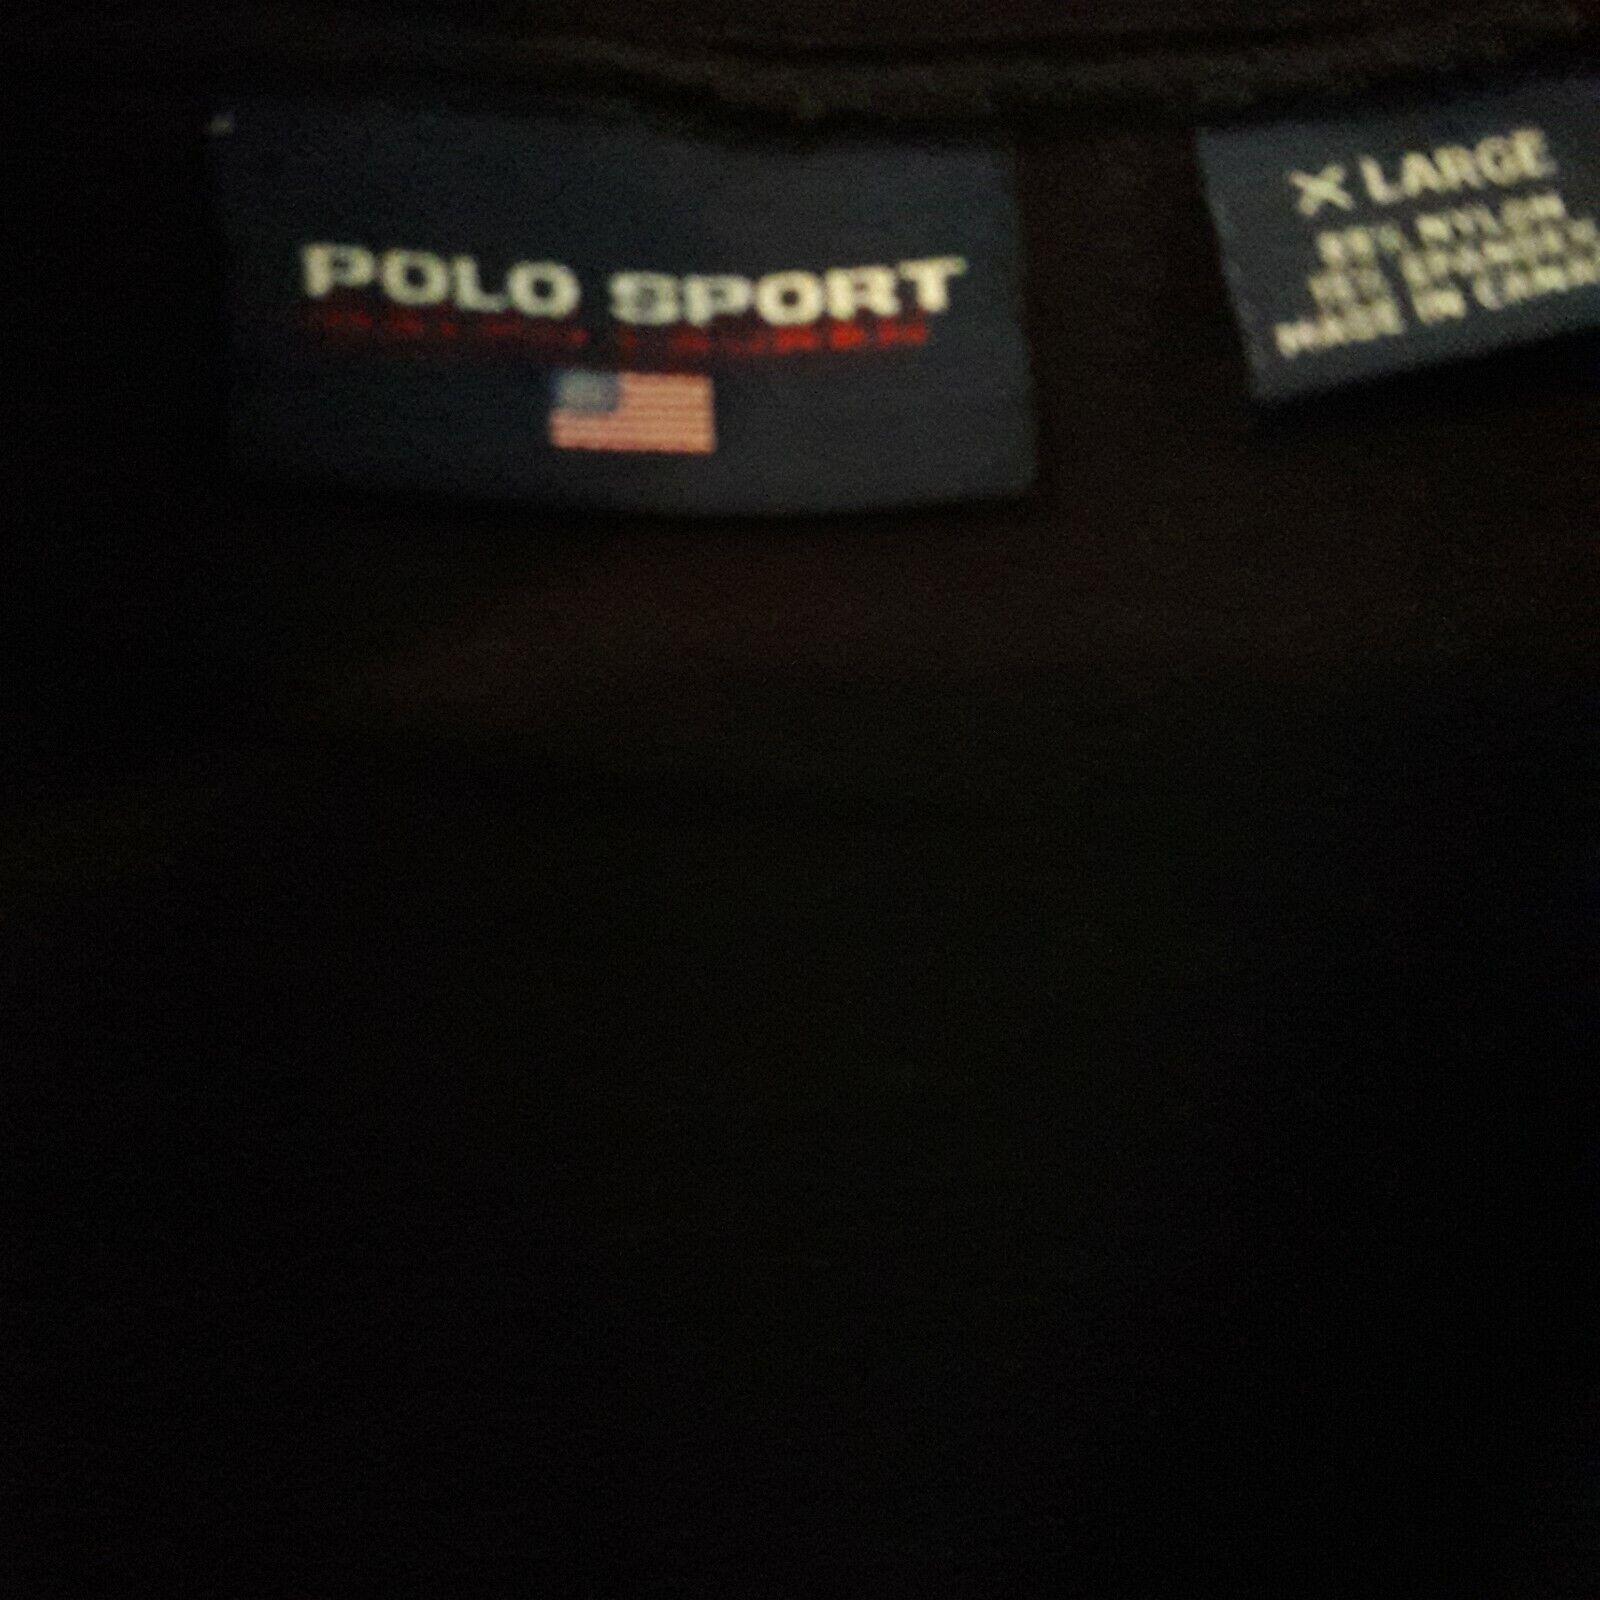 Polo Sport RLX Snow Beach 1992 rare Shirt - image 3